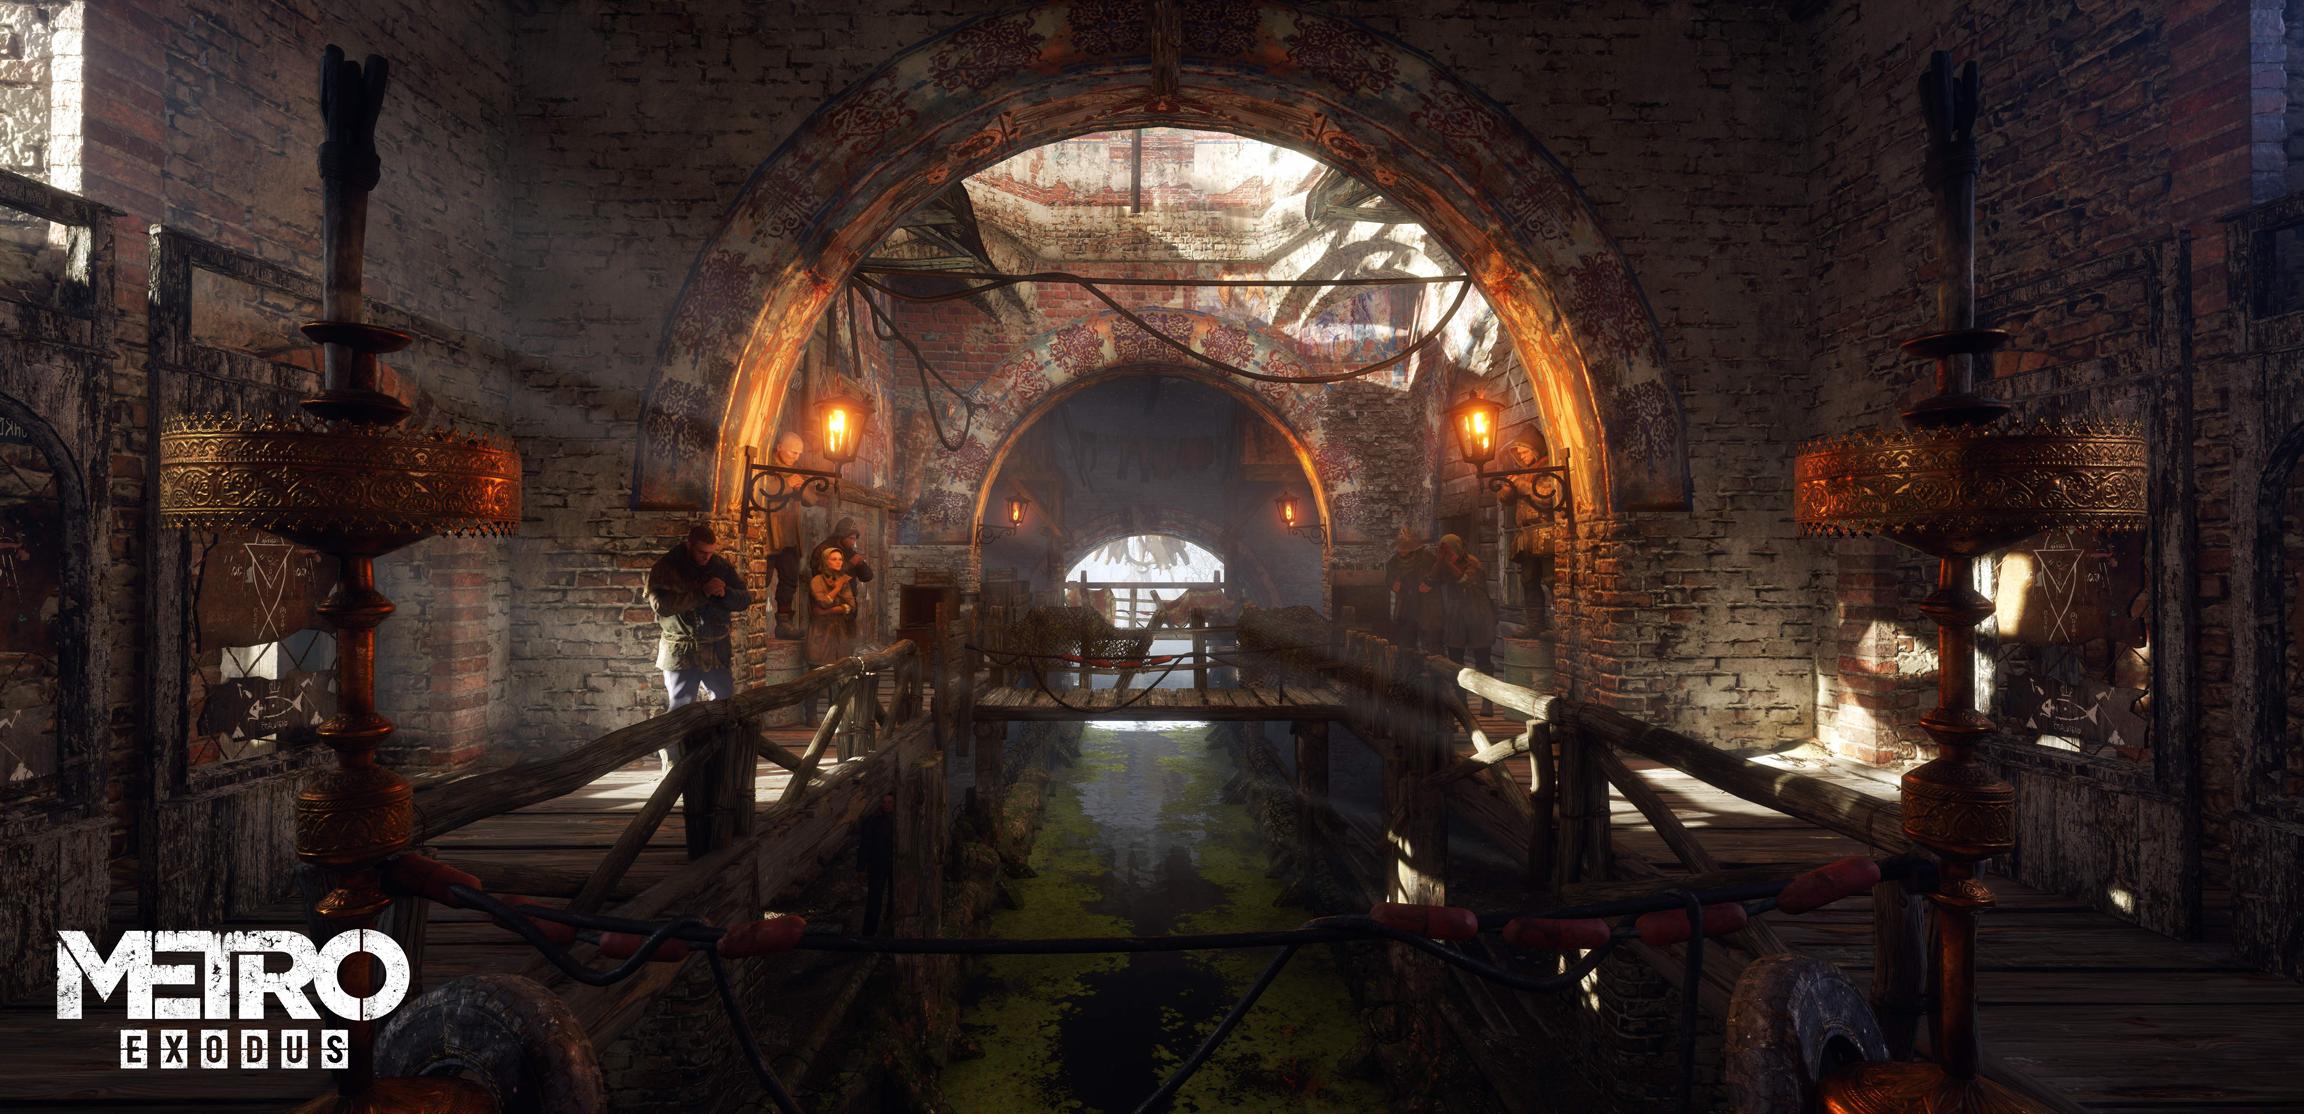 Разработчики Metro Exodus выпустят расширенное издание игры с улучшенной трассировкой лучей